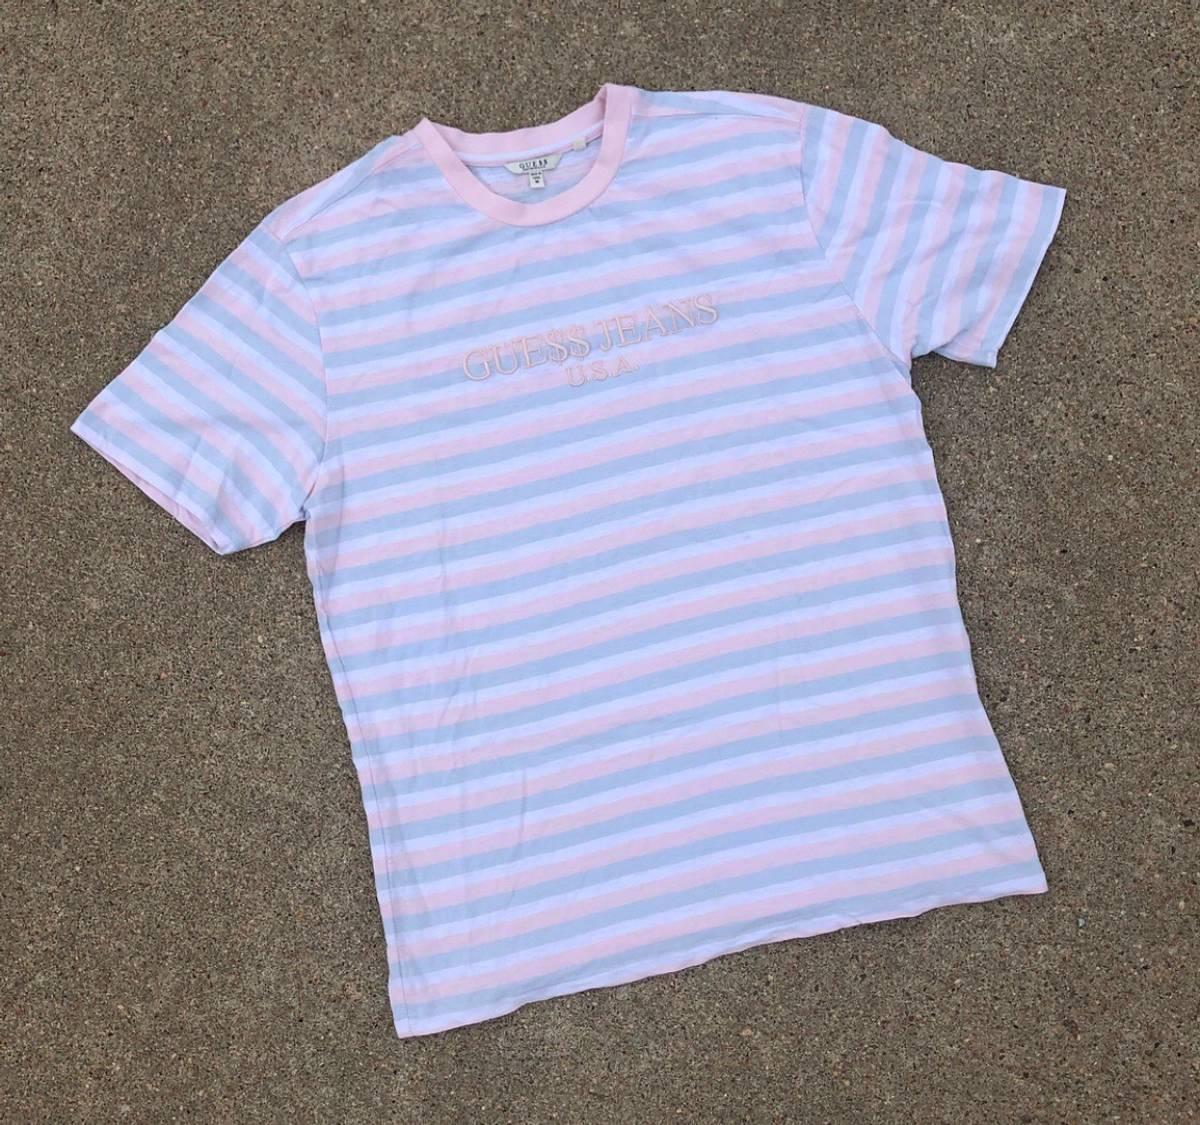 8d474e20 Guess Jeans Usa Asap Rocky T Shirt